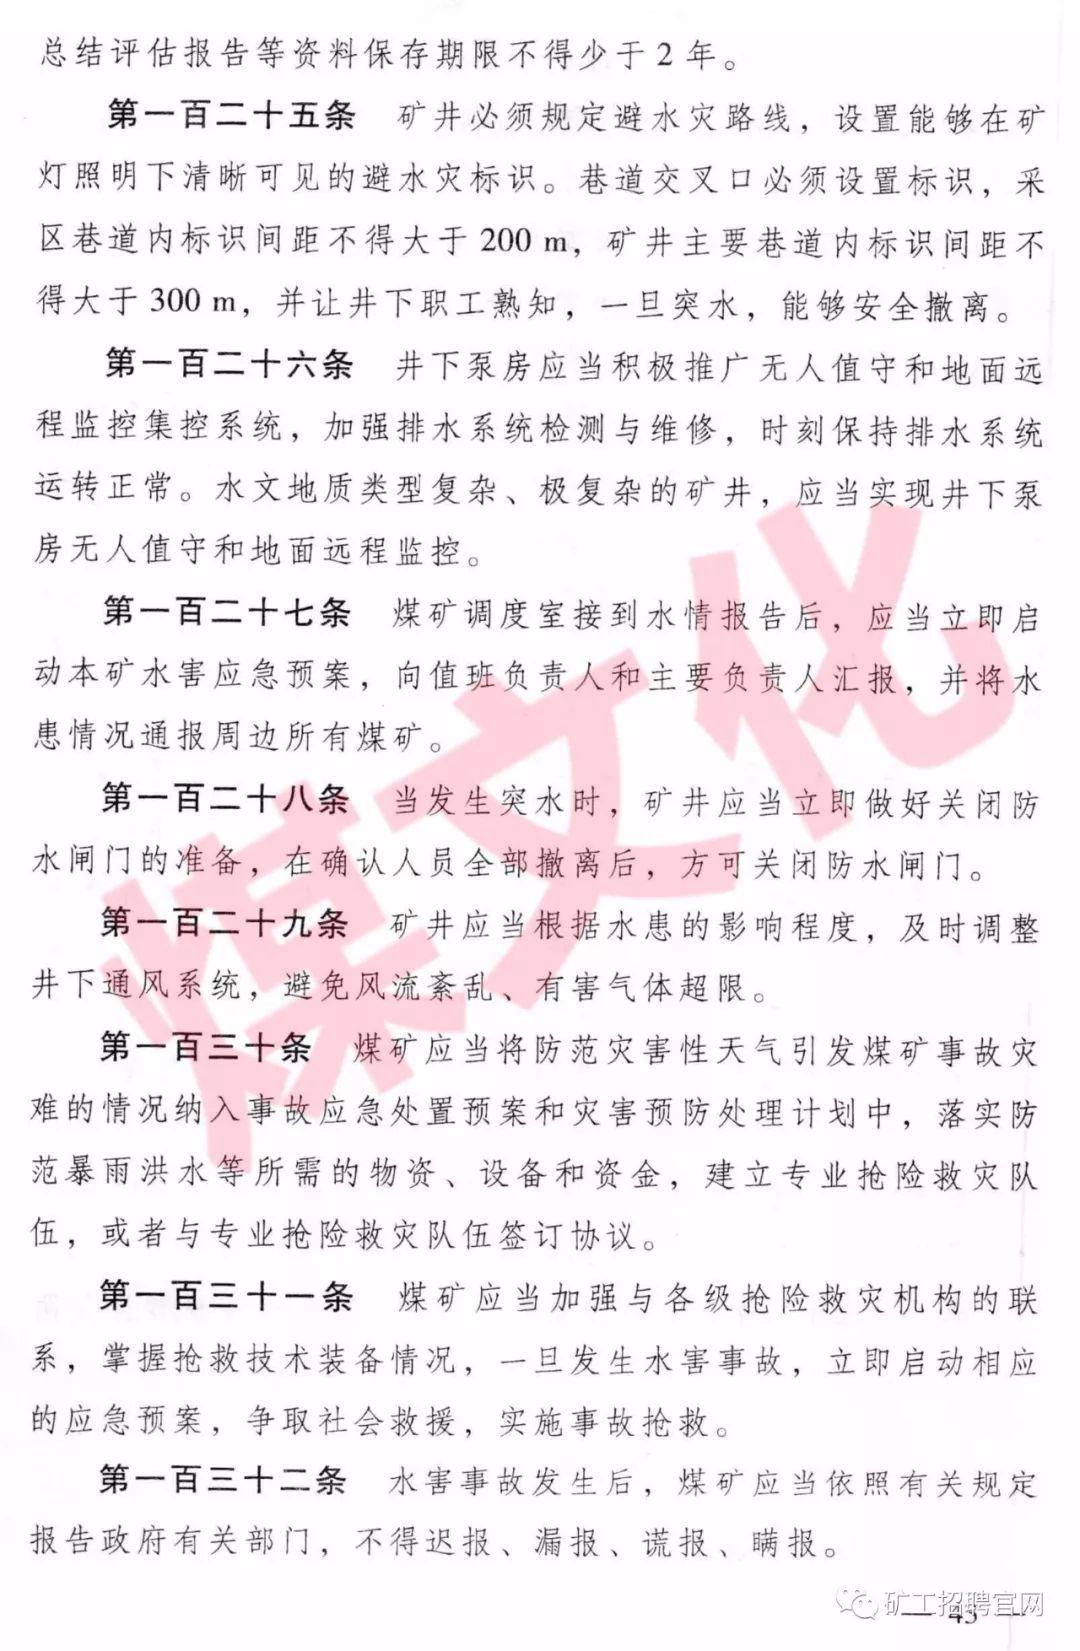 国家安全生产监督管理总局令(第28号)煤矿防治水... _中国政府网